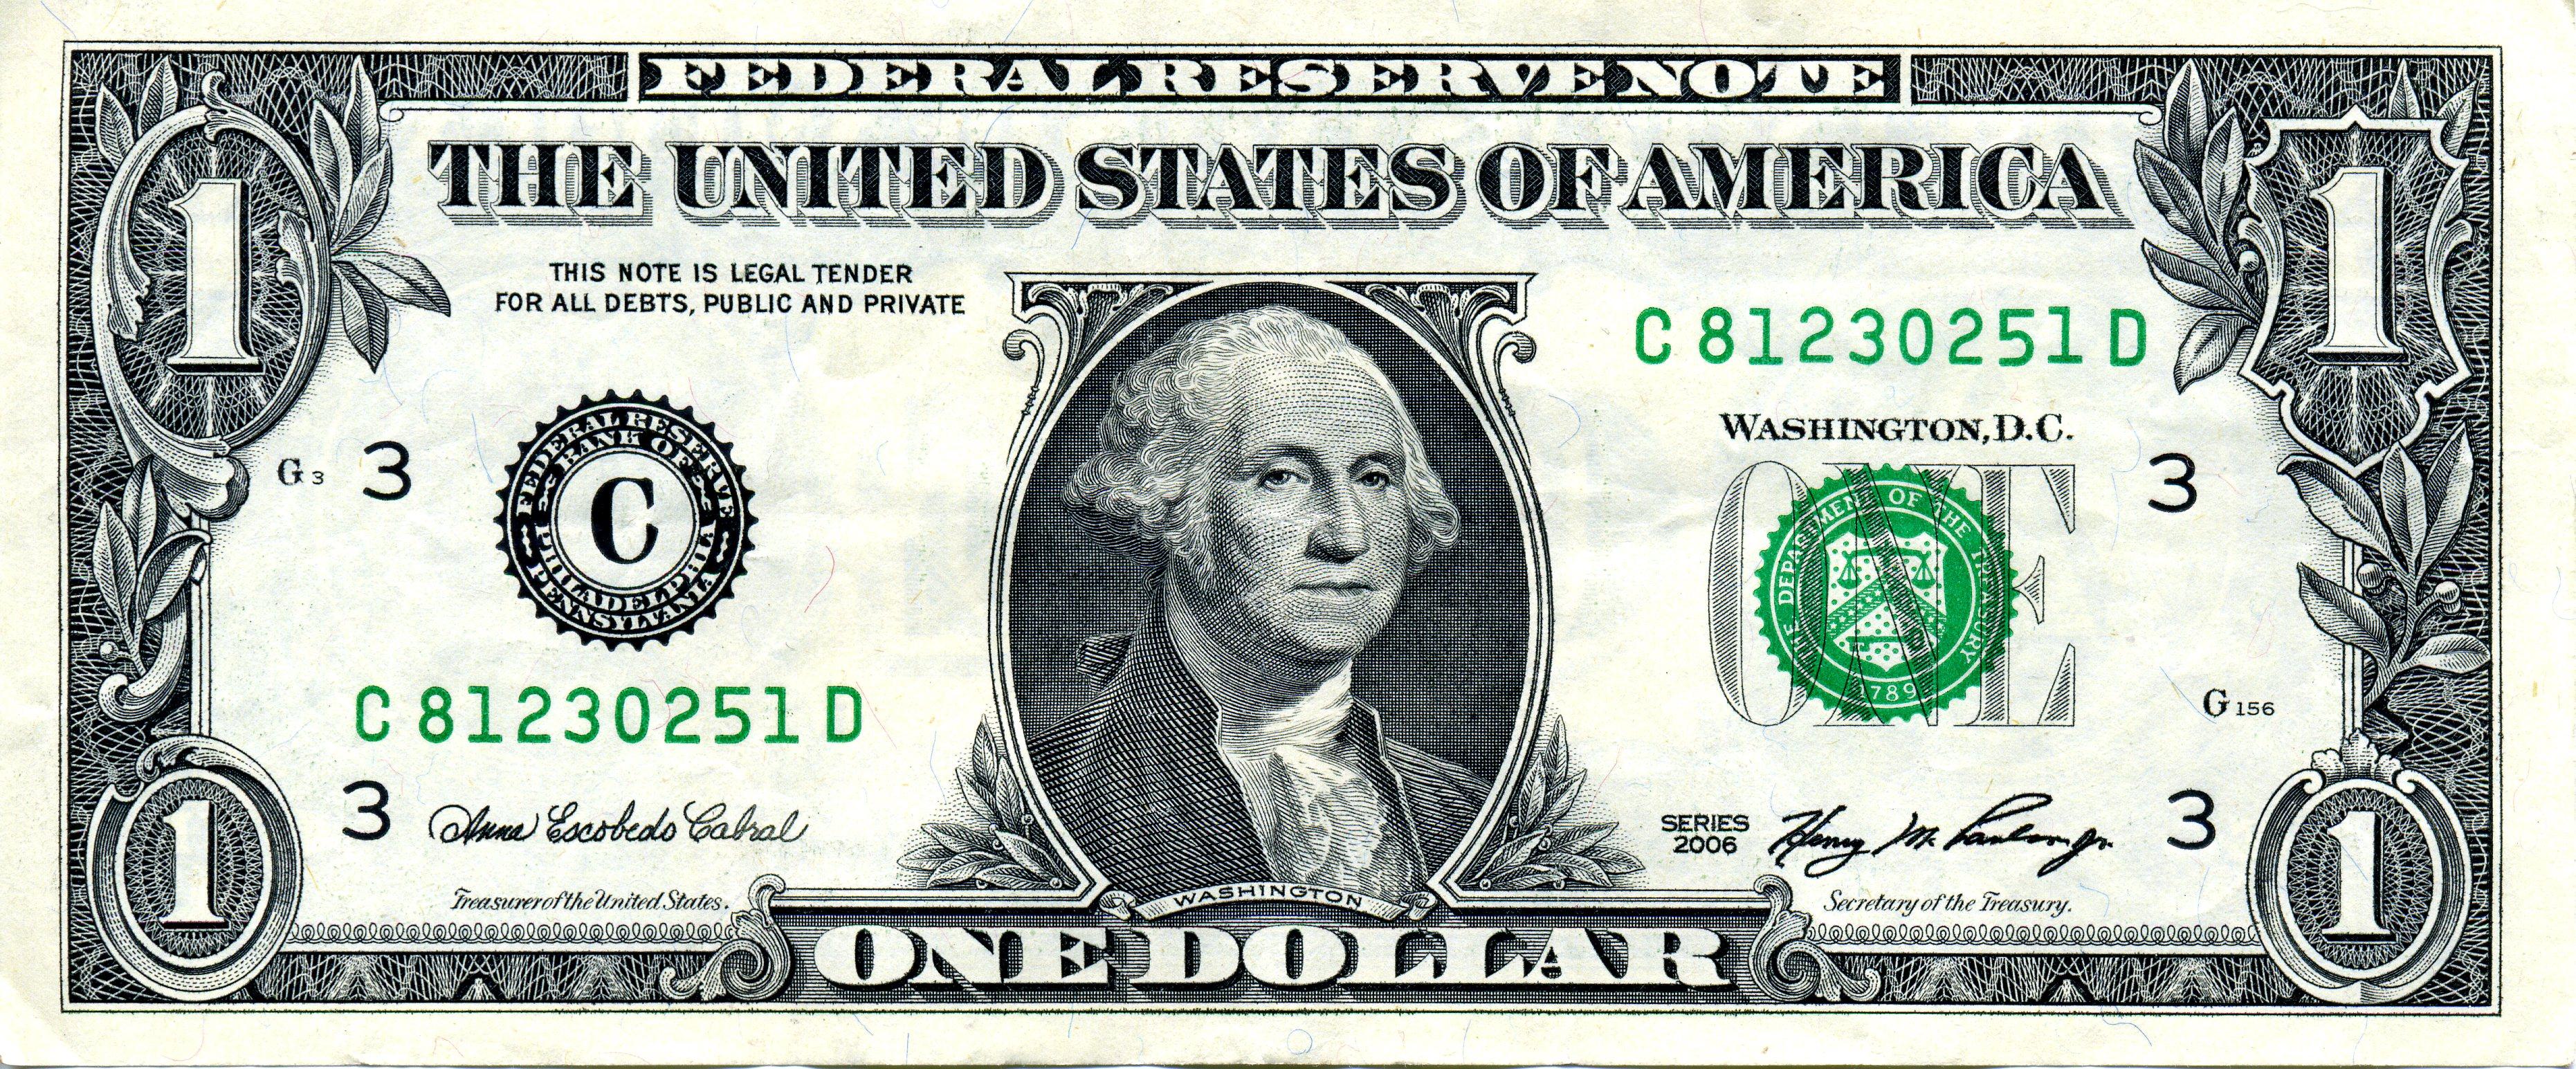 3723x1545 Drawing Of Dollar Bill